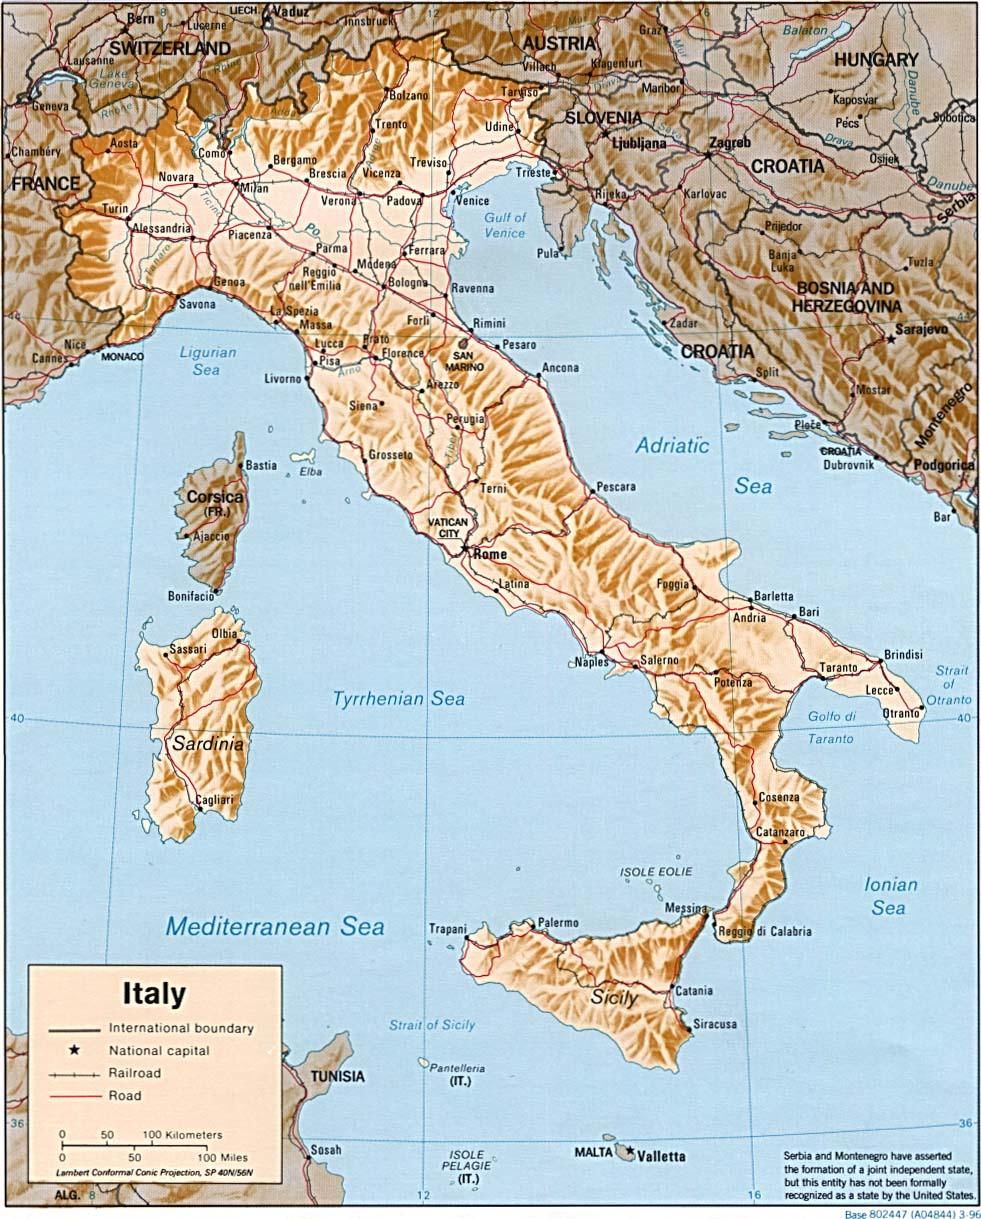 noleggio tovaglie matrimonio catania italy map - photo#29